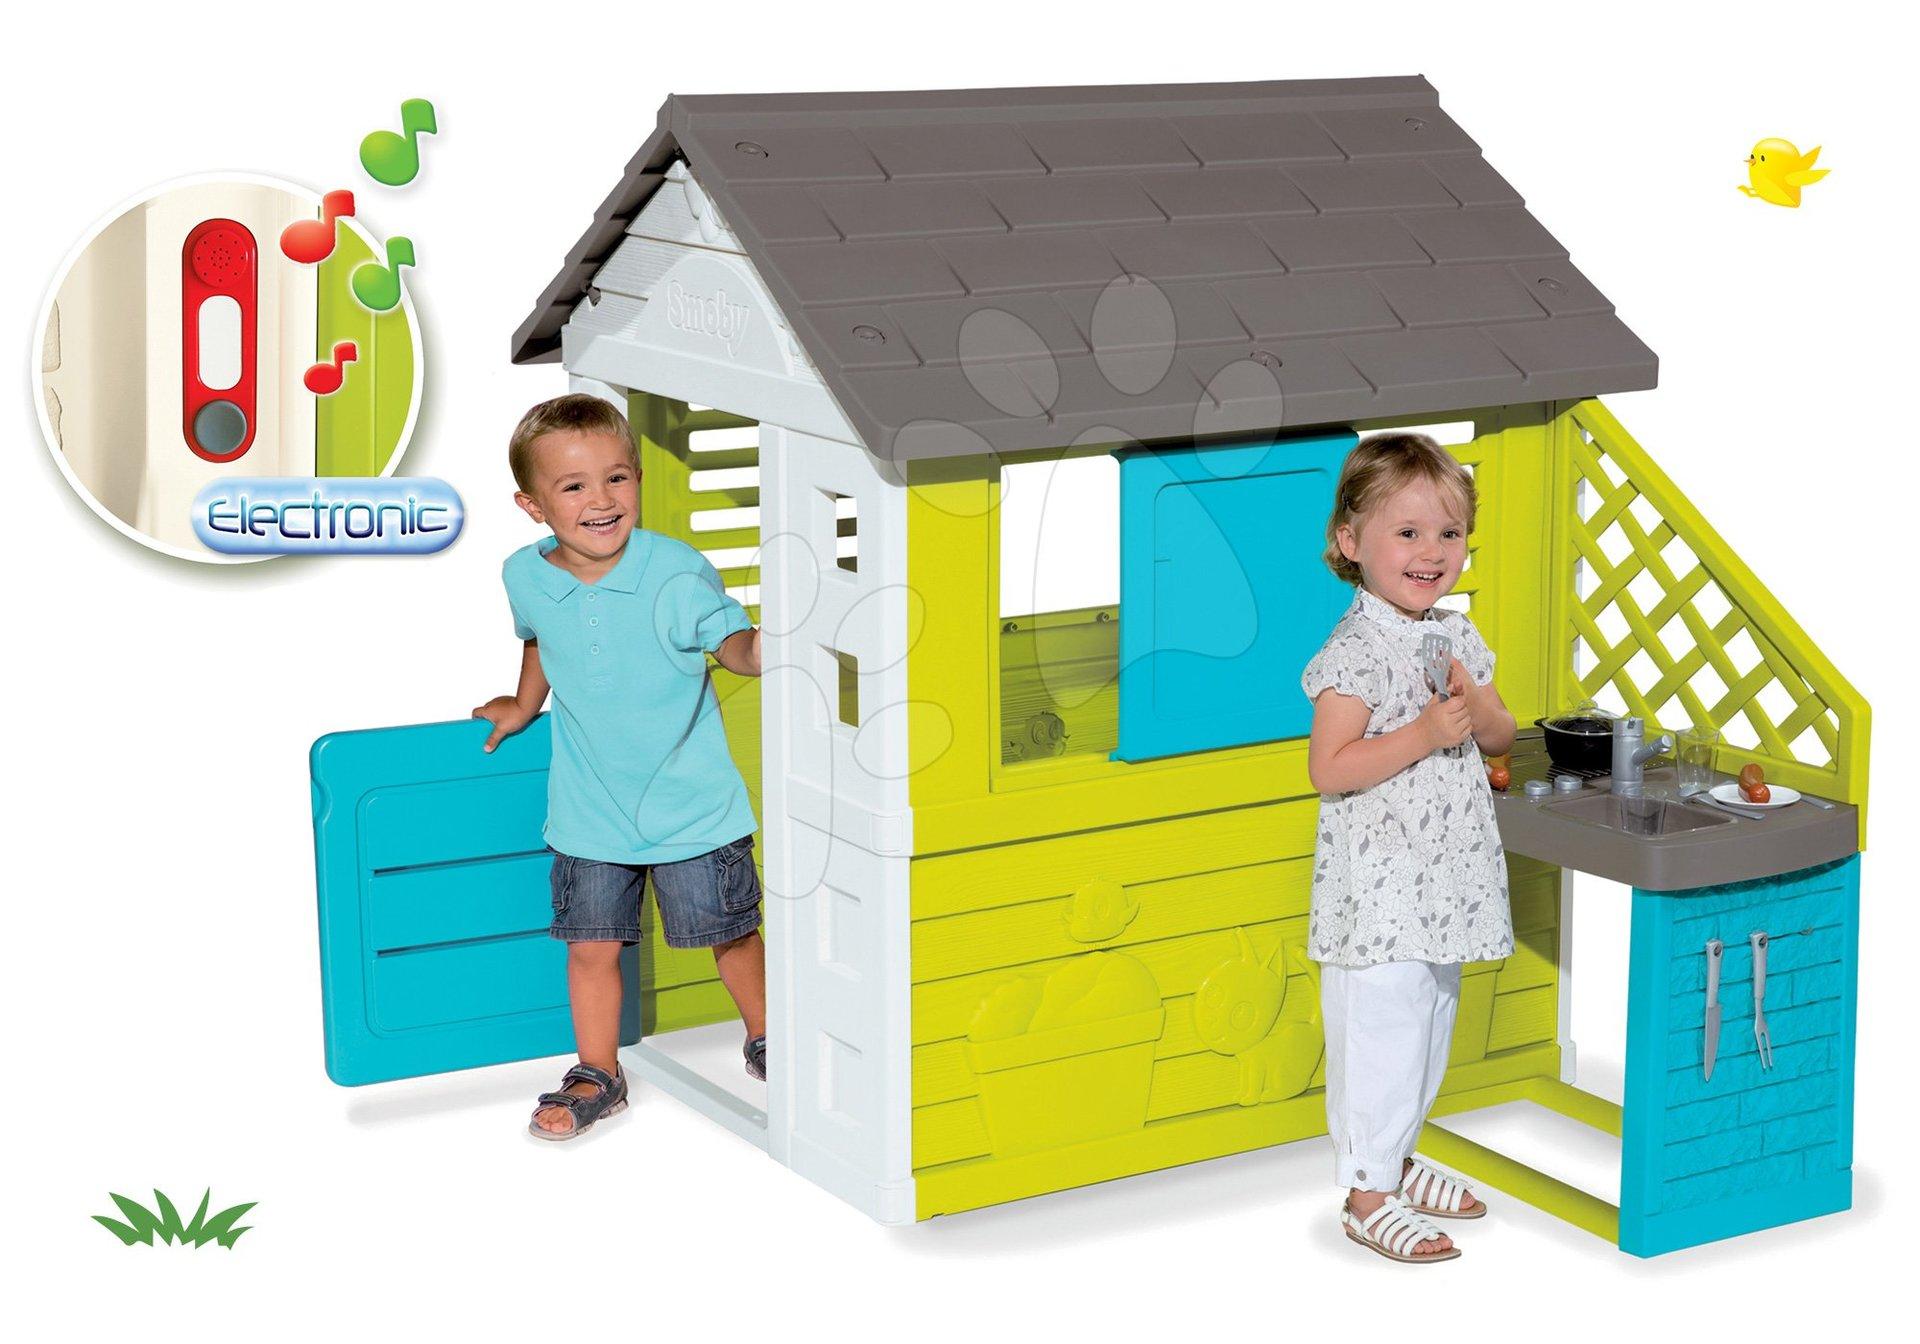 Smoby set detský domček Pretty Blue s letnou kuchynkou a elektronický zvonček darček 810703-33